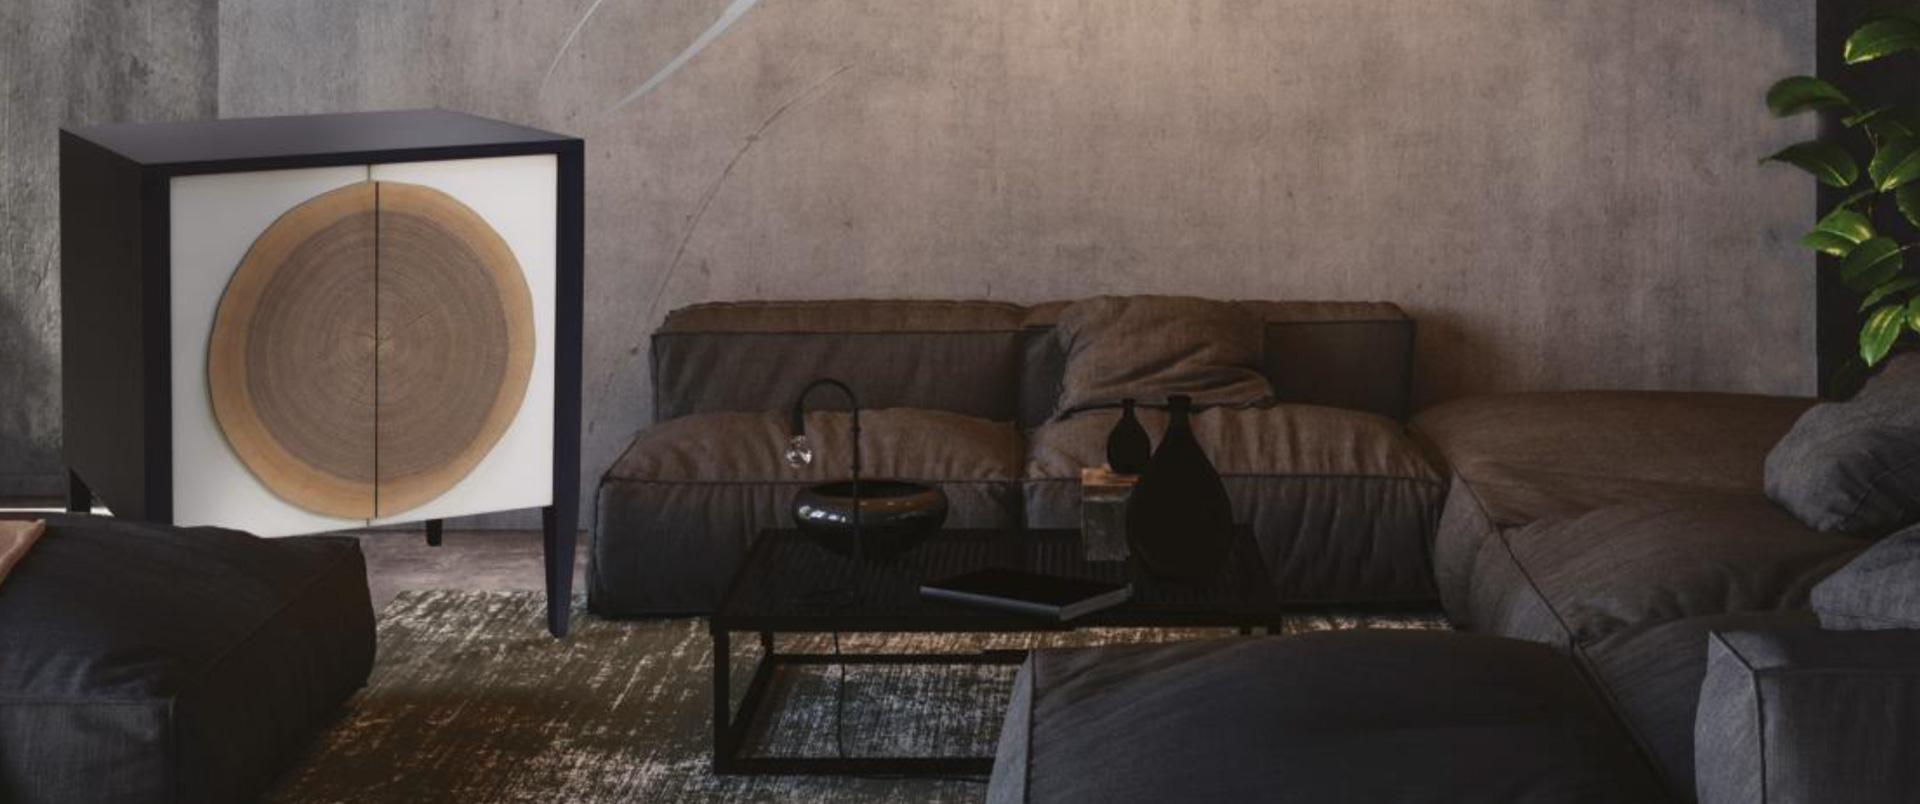 Meubles 3 Fontaines Ittenheim meubles aux 3 fontaines alsace ebéniste fabricant strasbourg 67